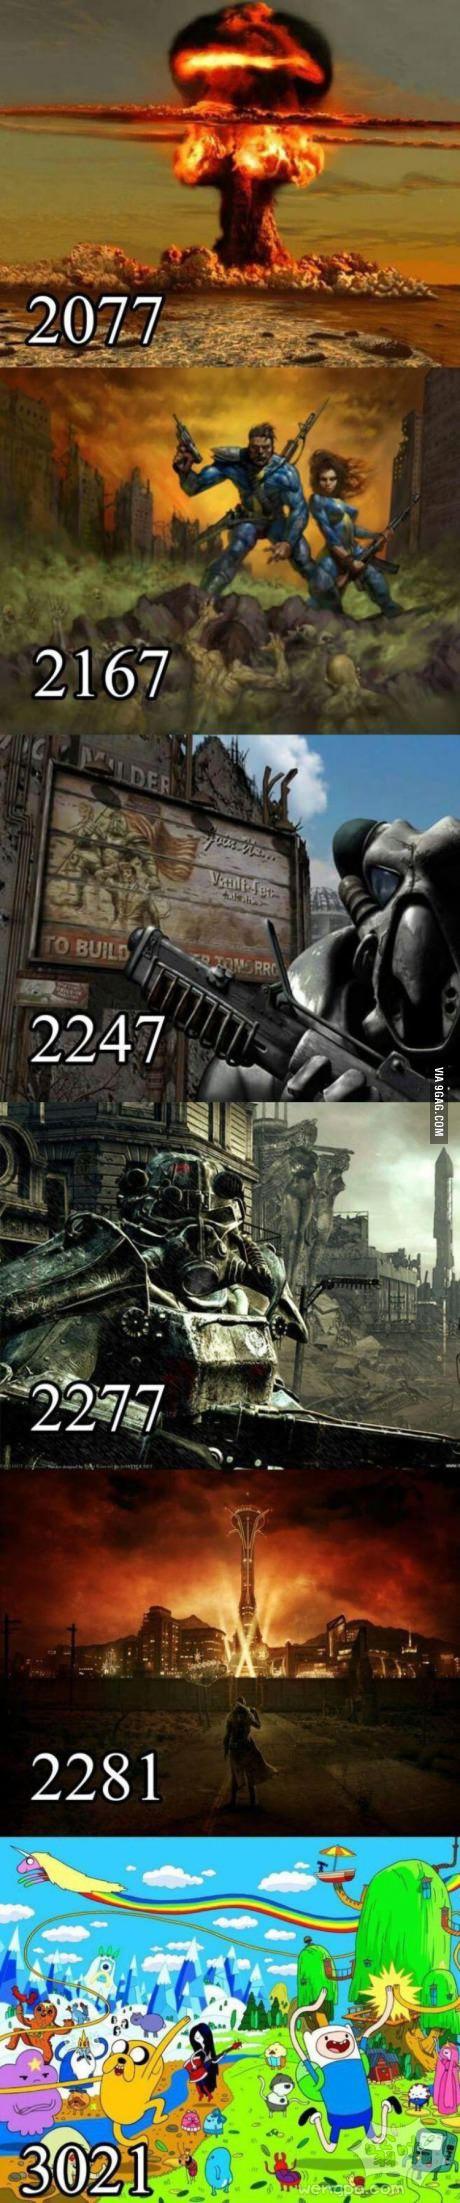 未来… 2077至3021